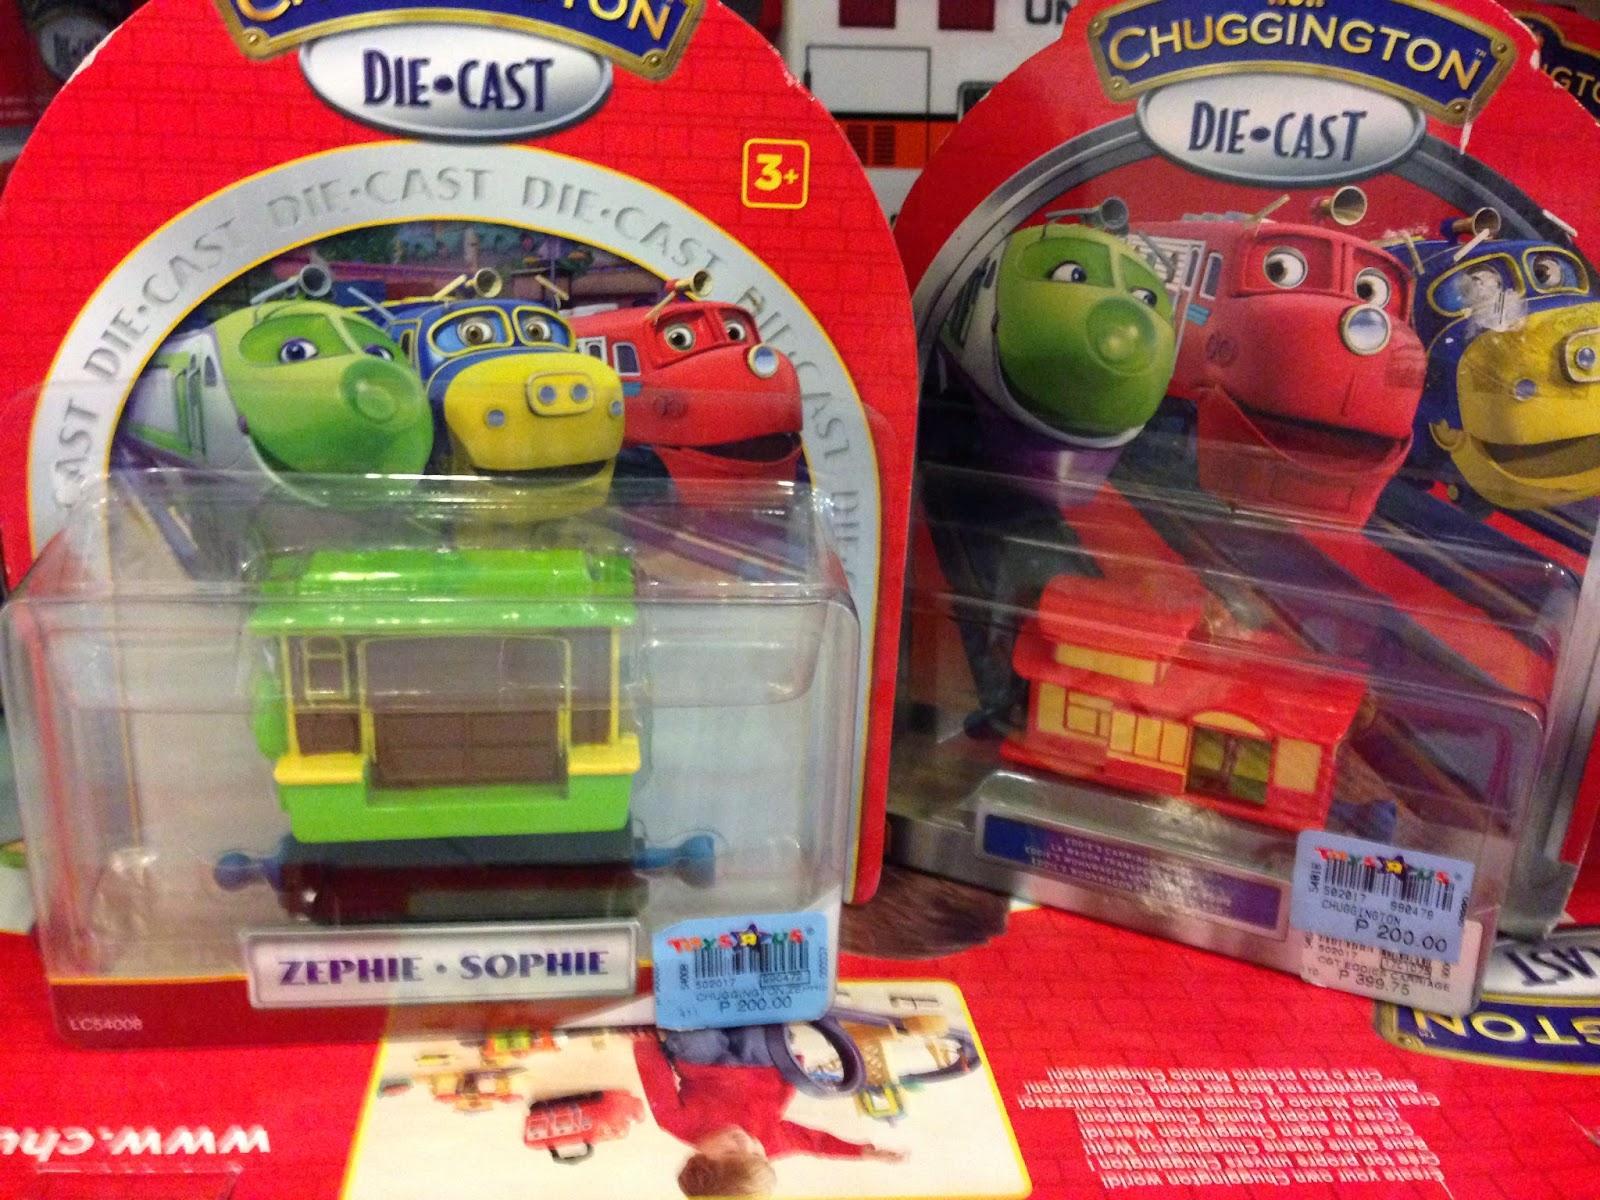 Chuggington Die-Cast Trains